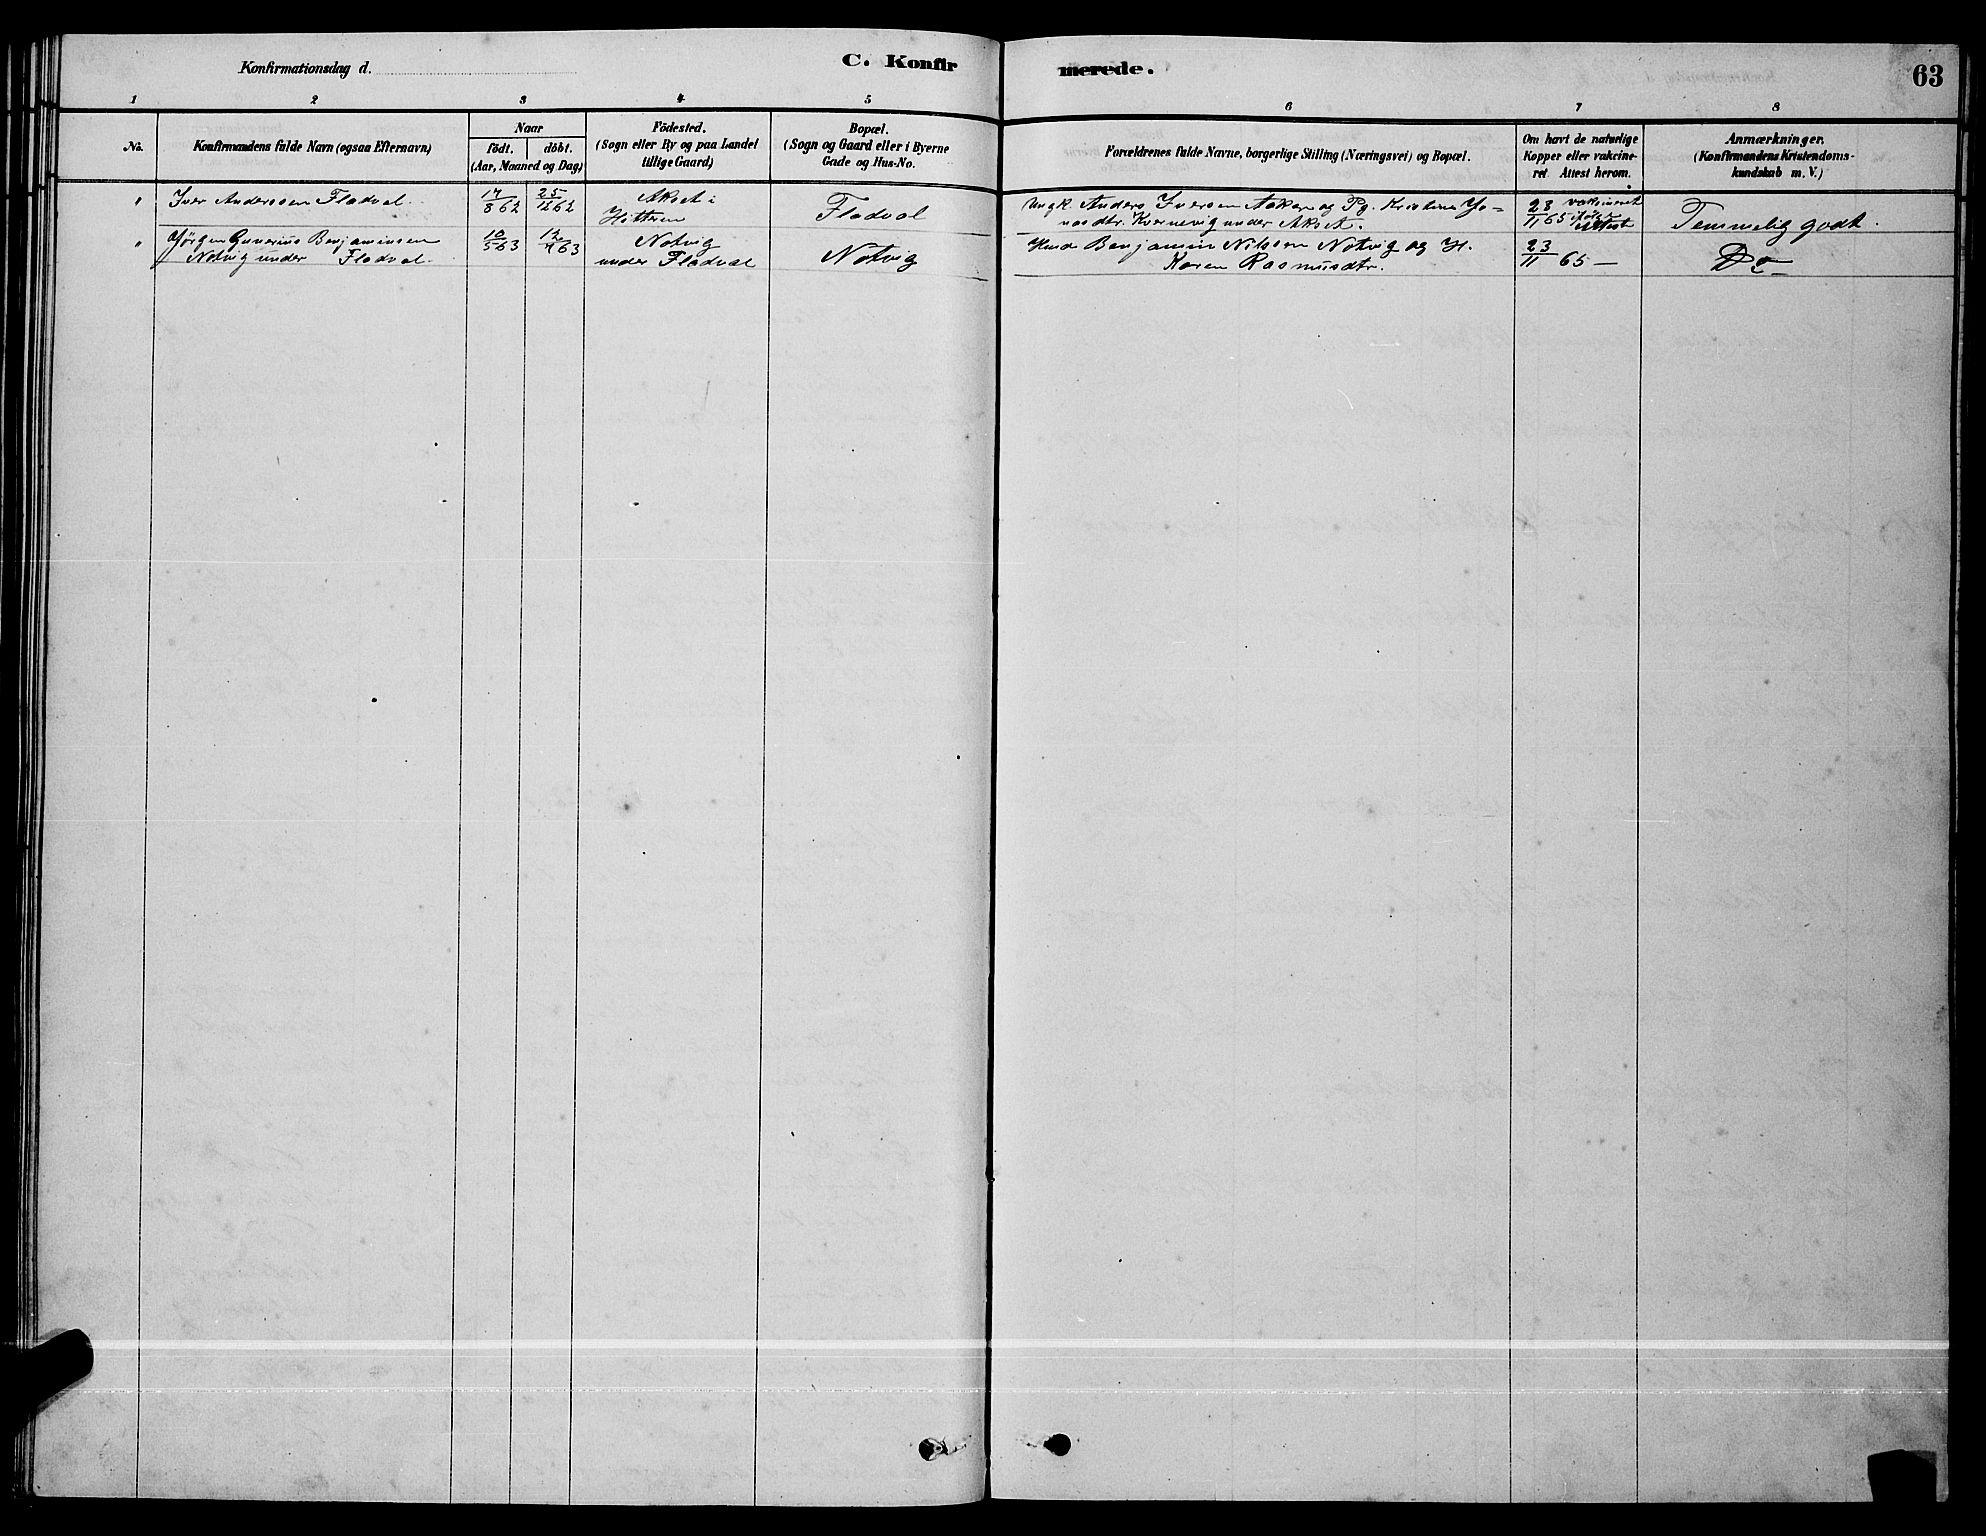 SAT, Ministerialprotokoller, klokkerbøker og fødselsregistre - Sør-Trøndelag, 641/L0597: Klokkerbok nr. 641C01, 1878-1893, s. 63